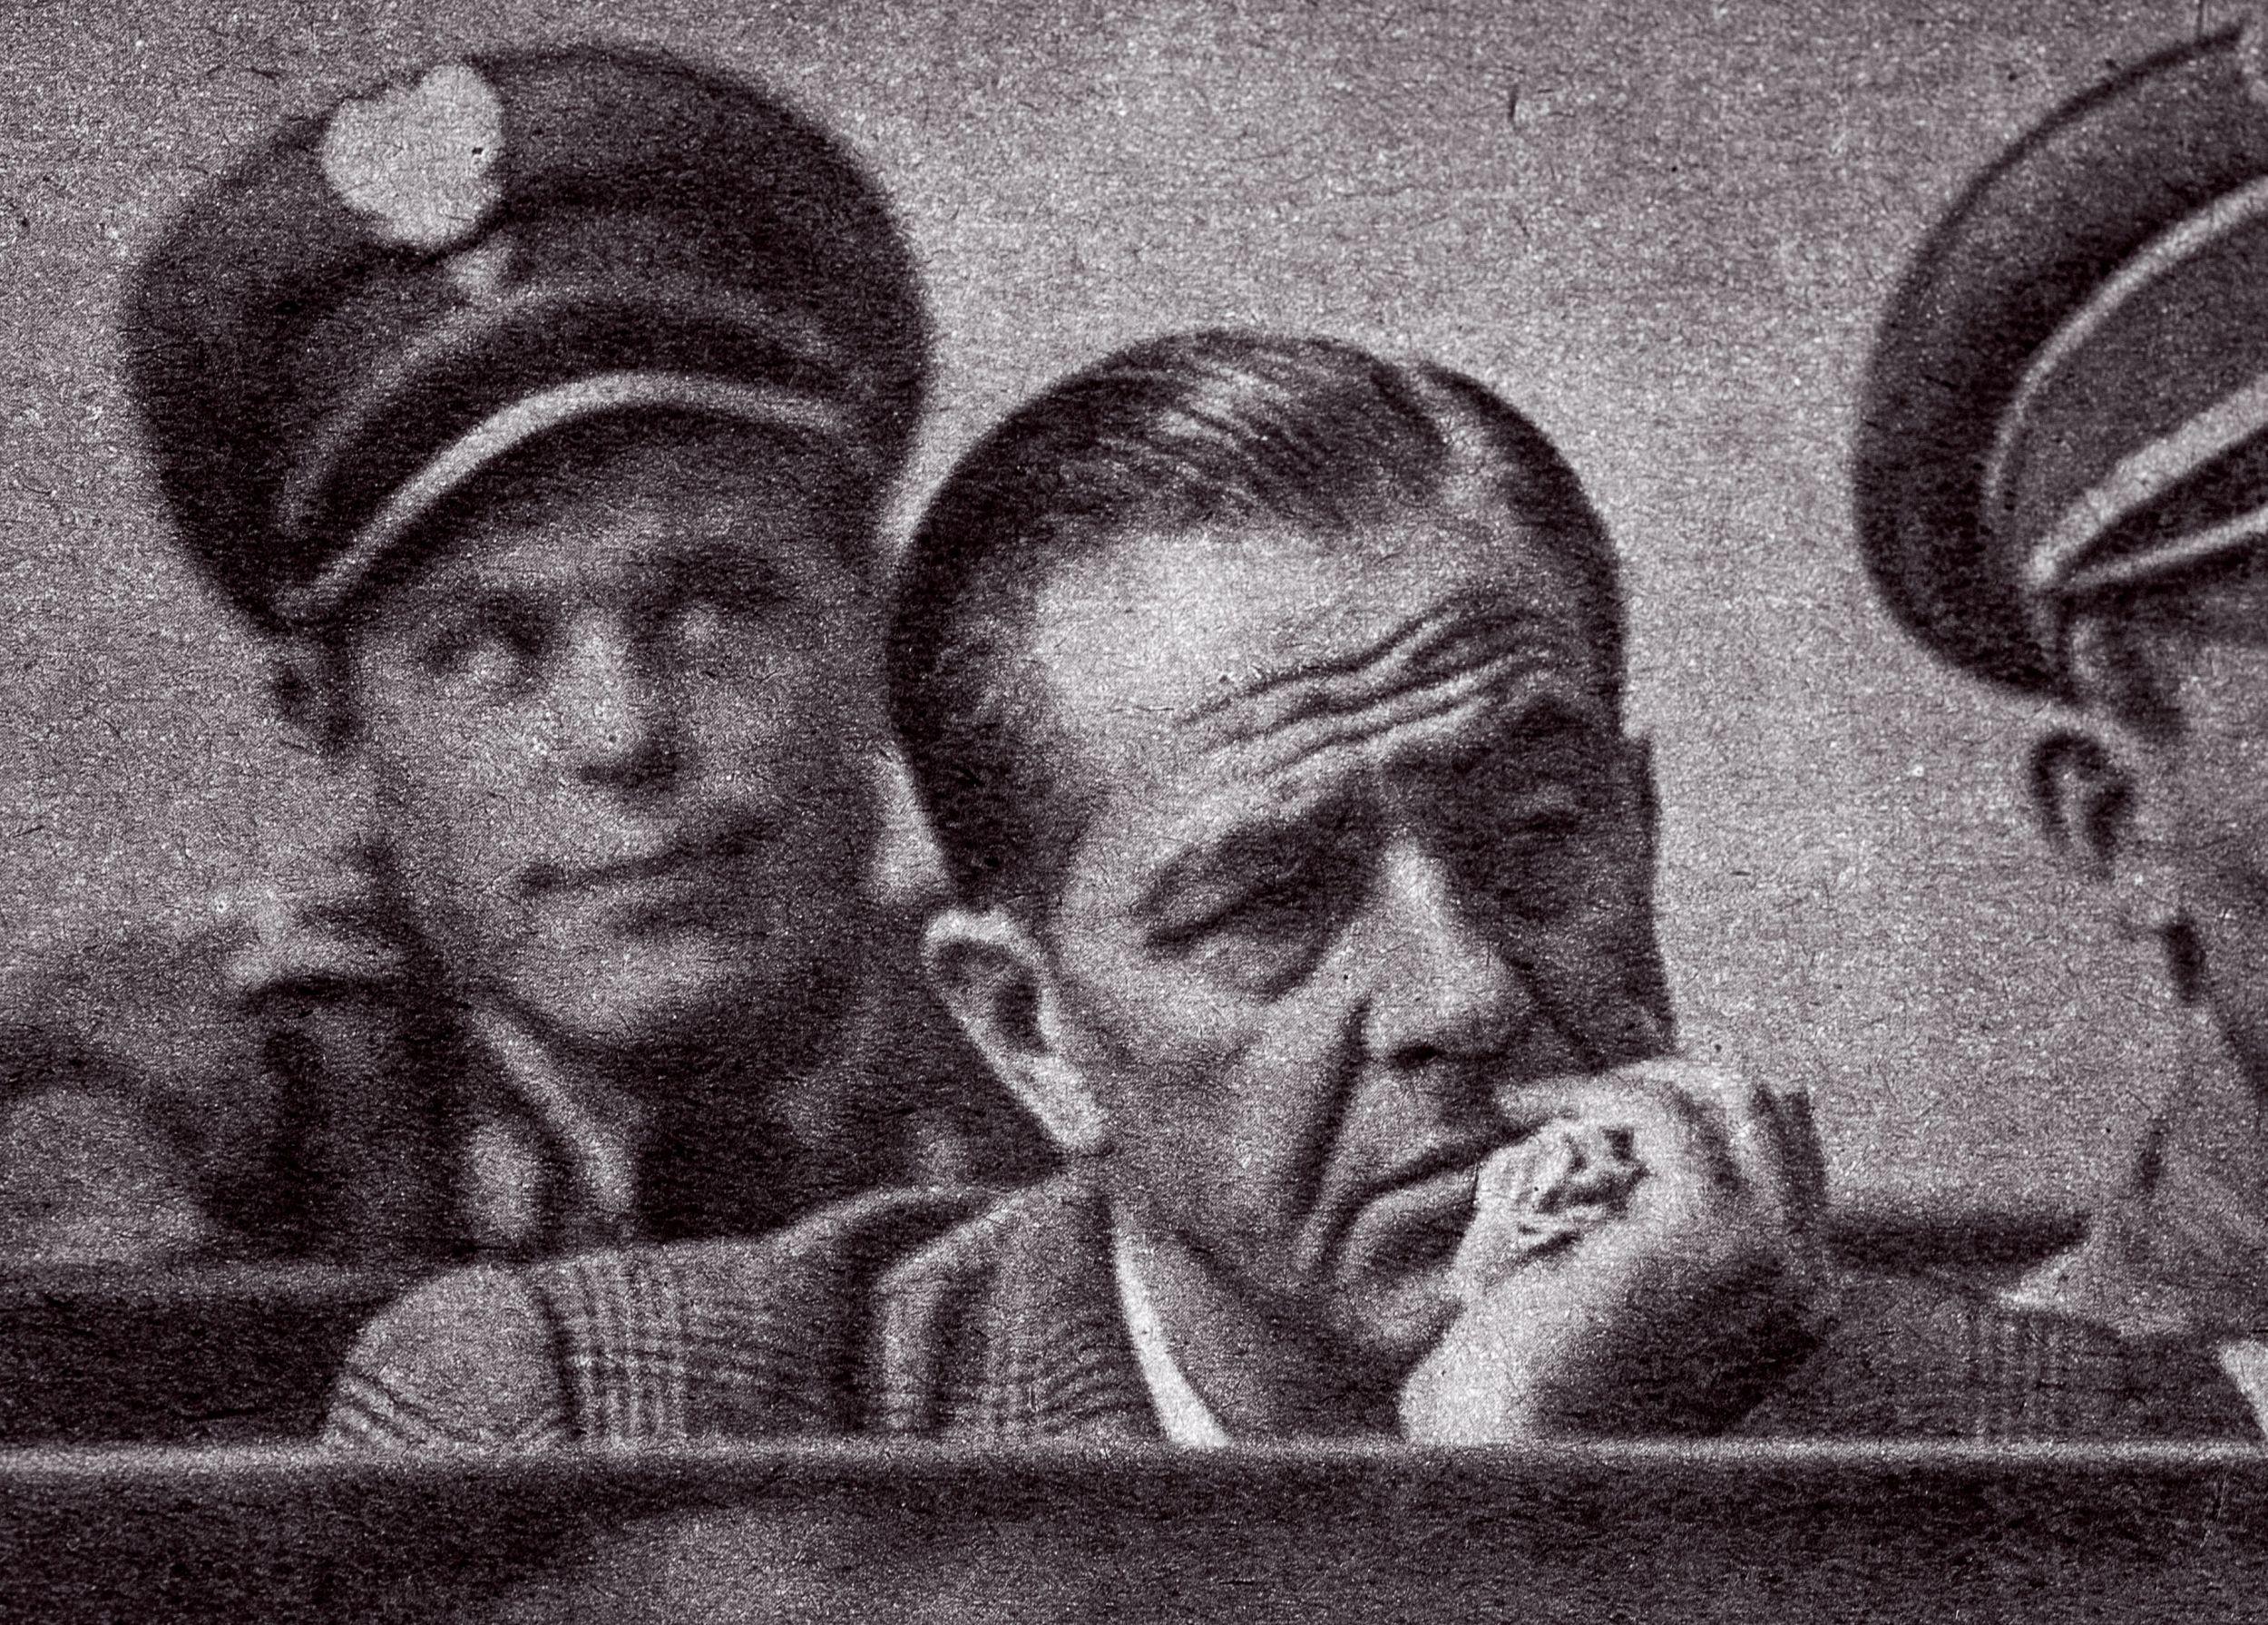 Władysław Mazurkiewicz na procesie, zdjęcie prasowe z 1956 roku (fot. zdjęcie archiwalne / Adam Tuchliński)